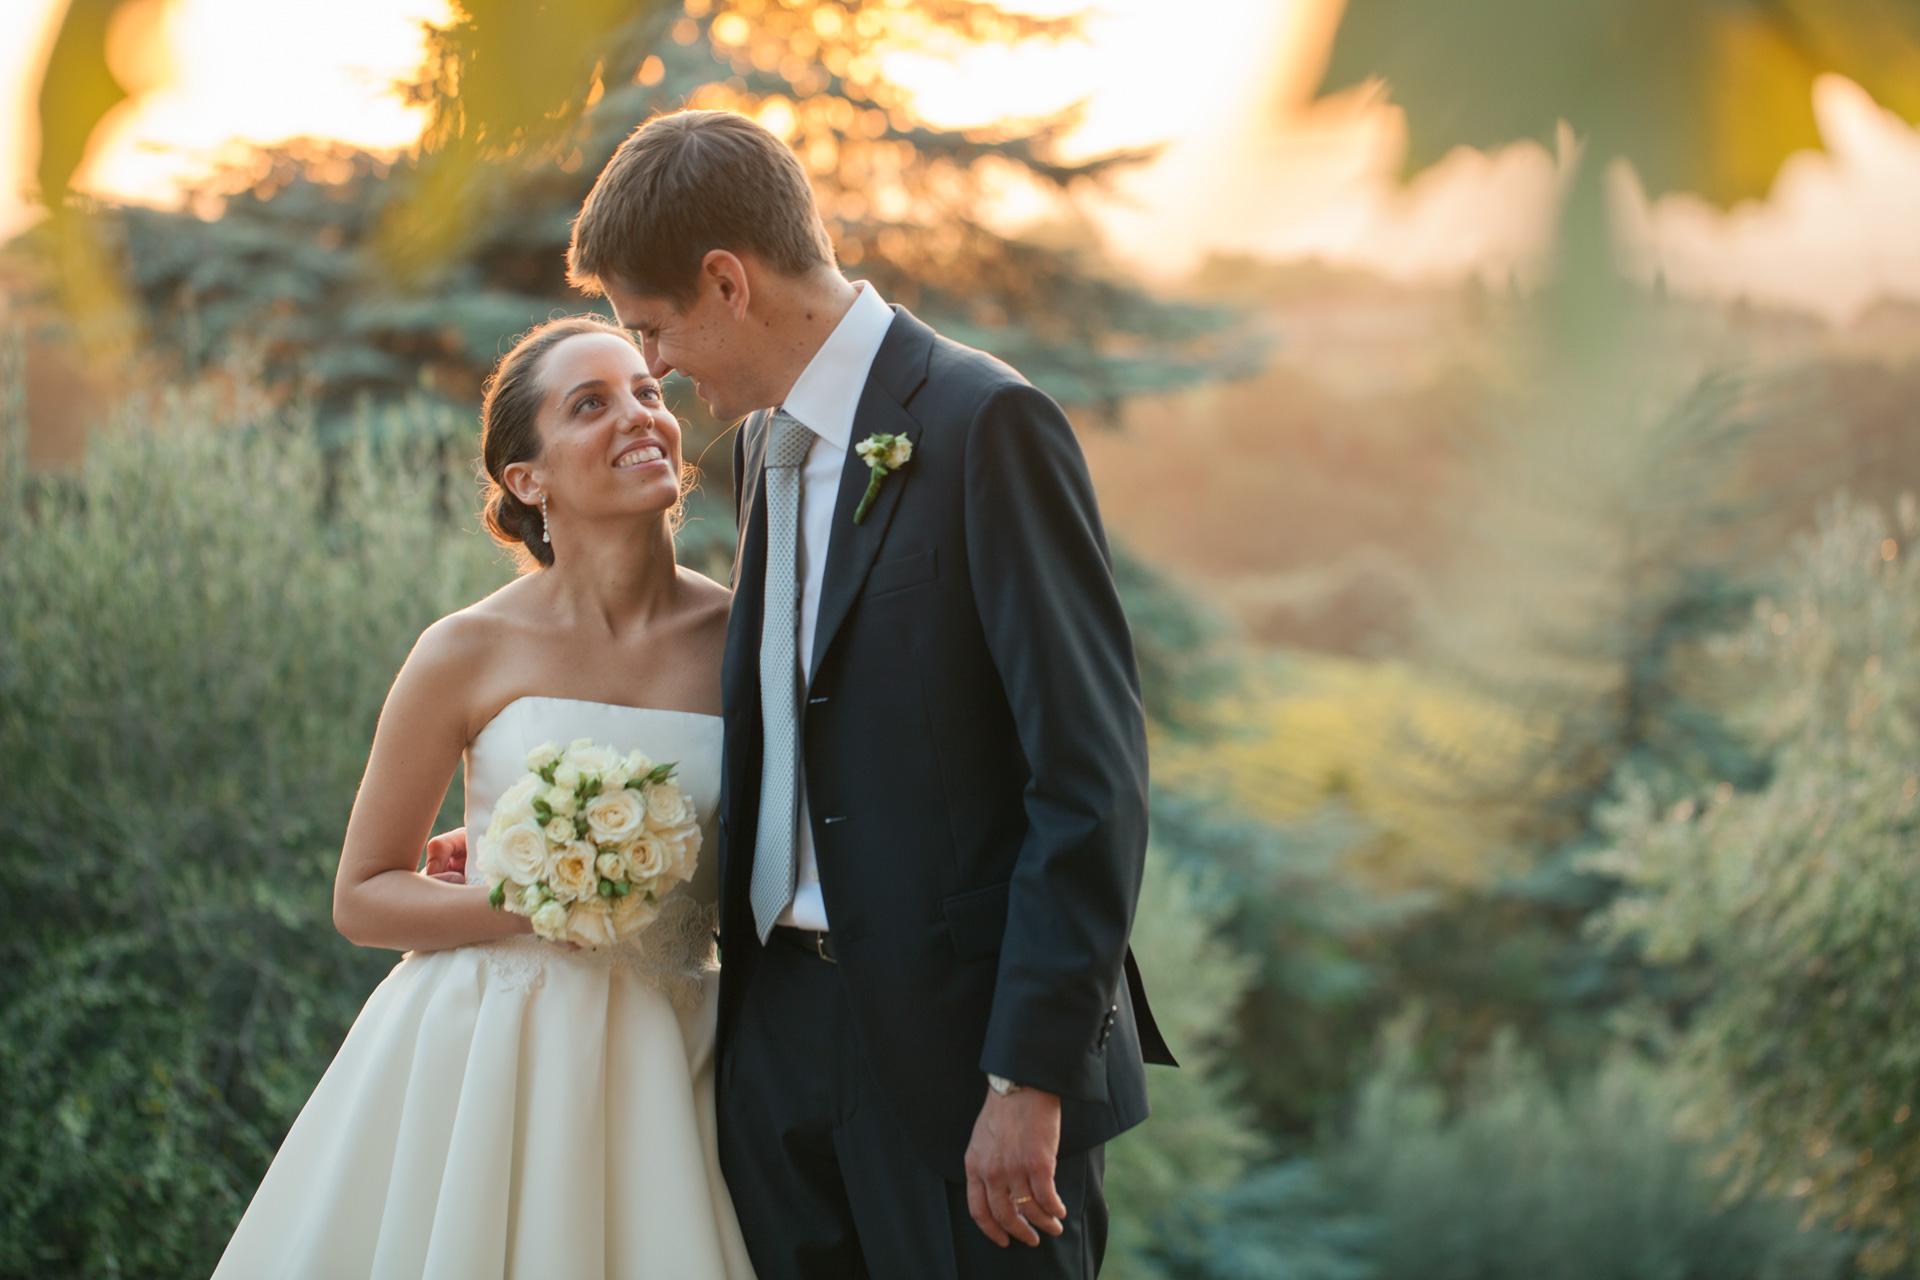 shooting di matrimonio nella natura al tramonto